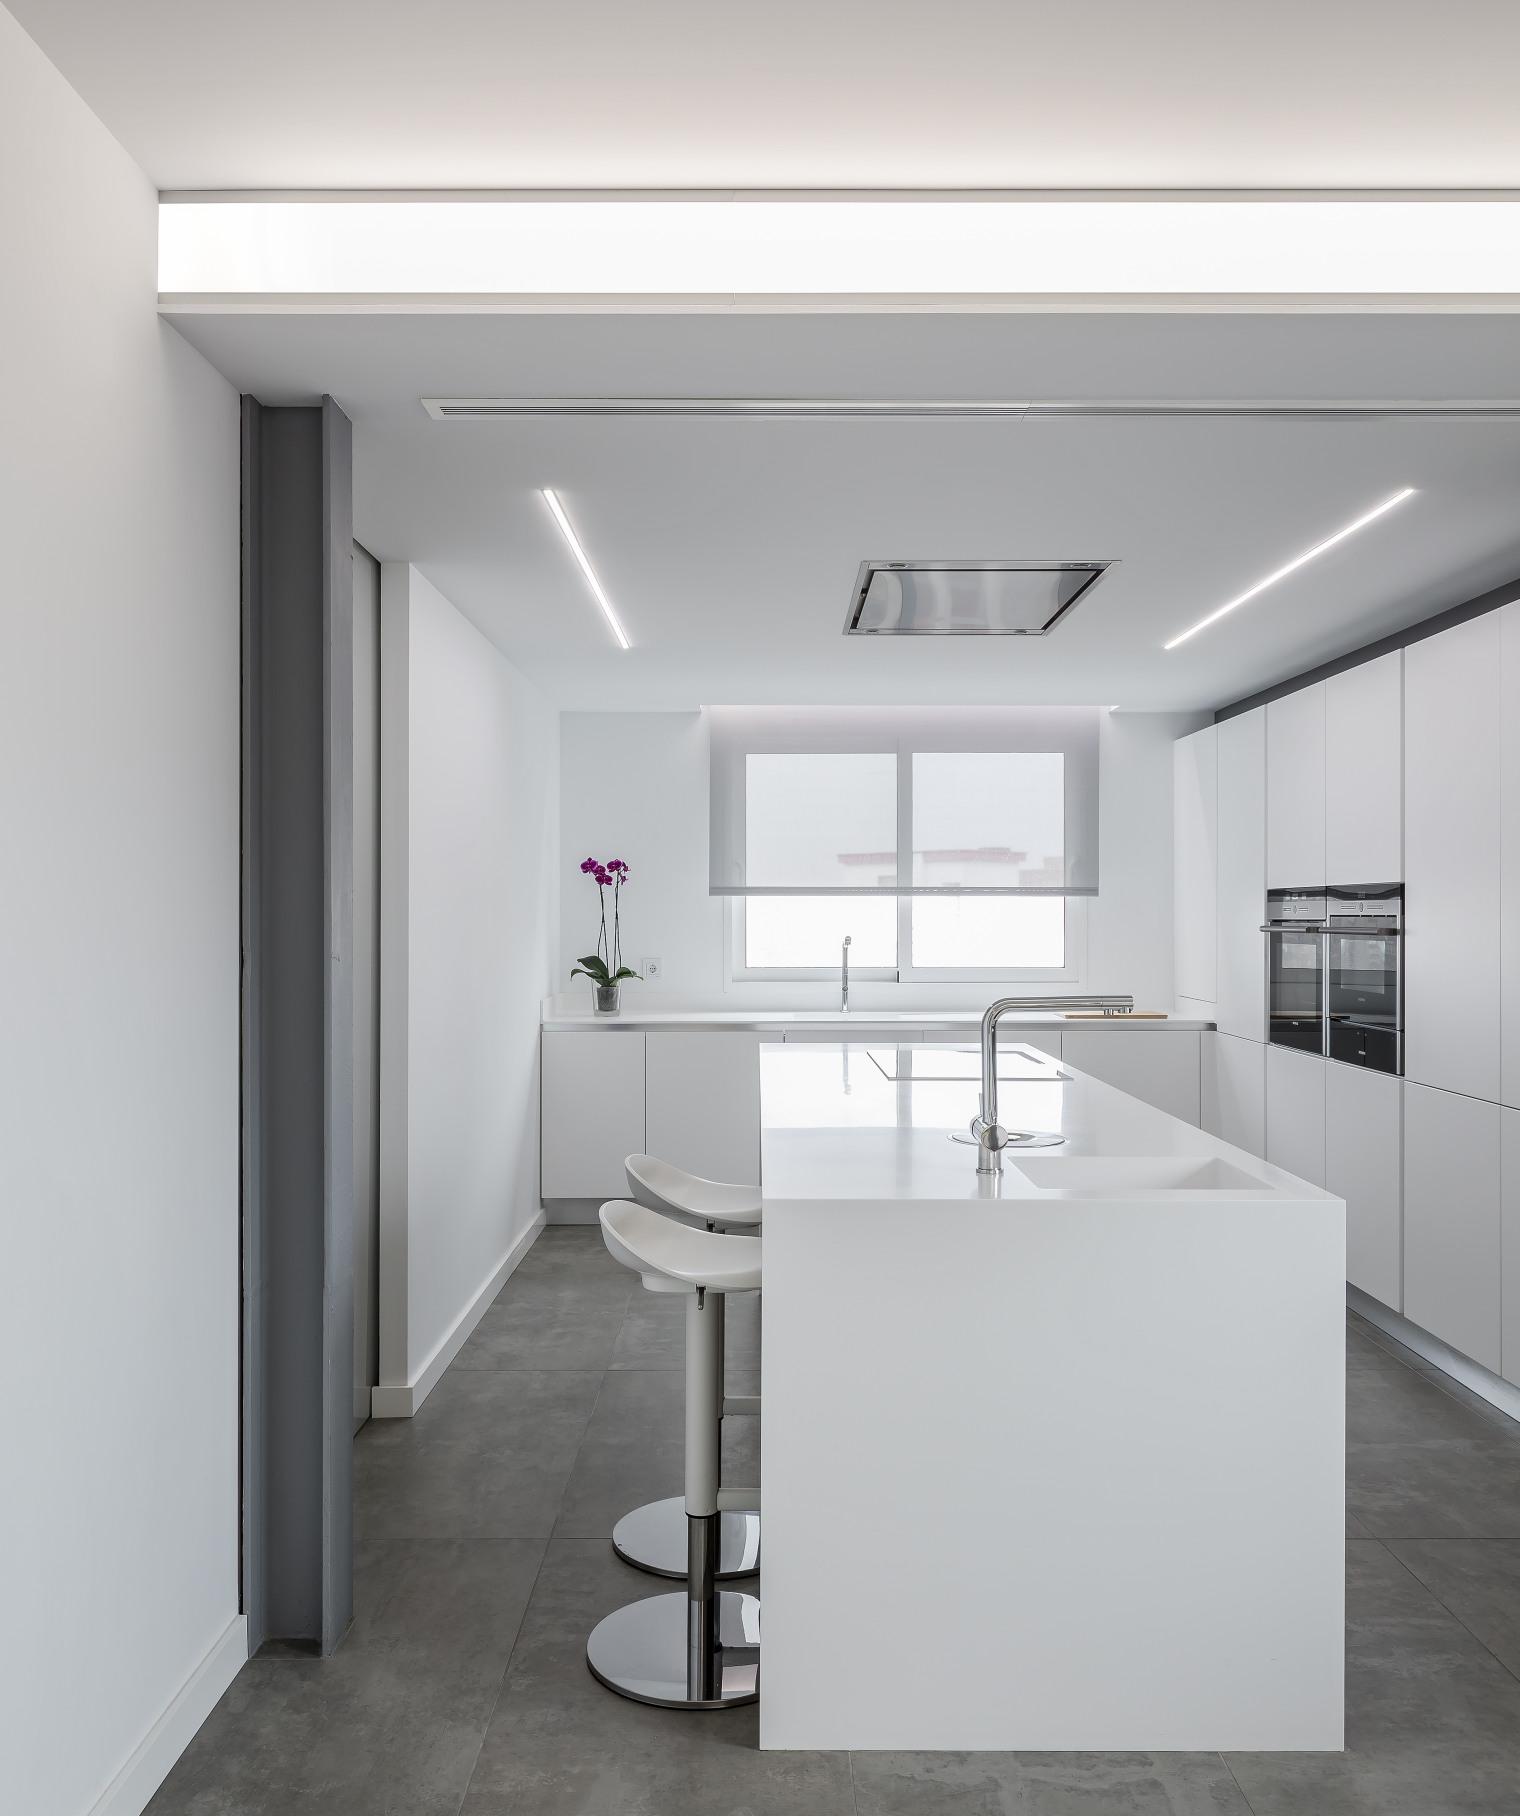 fotografia-arquitectura-valencia-german-cabo-ambau-gordillo (14)